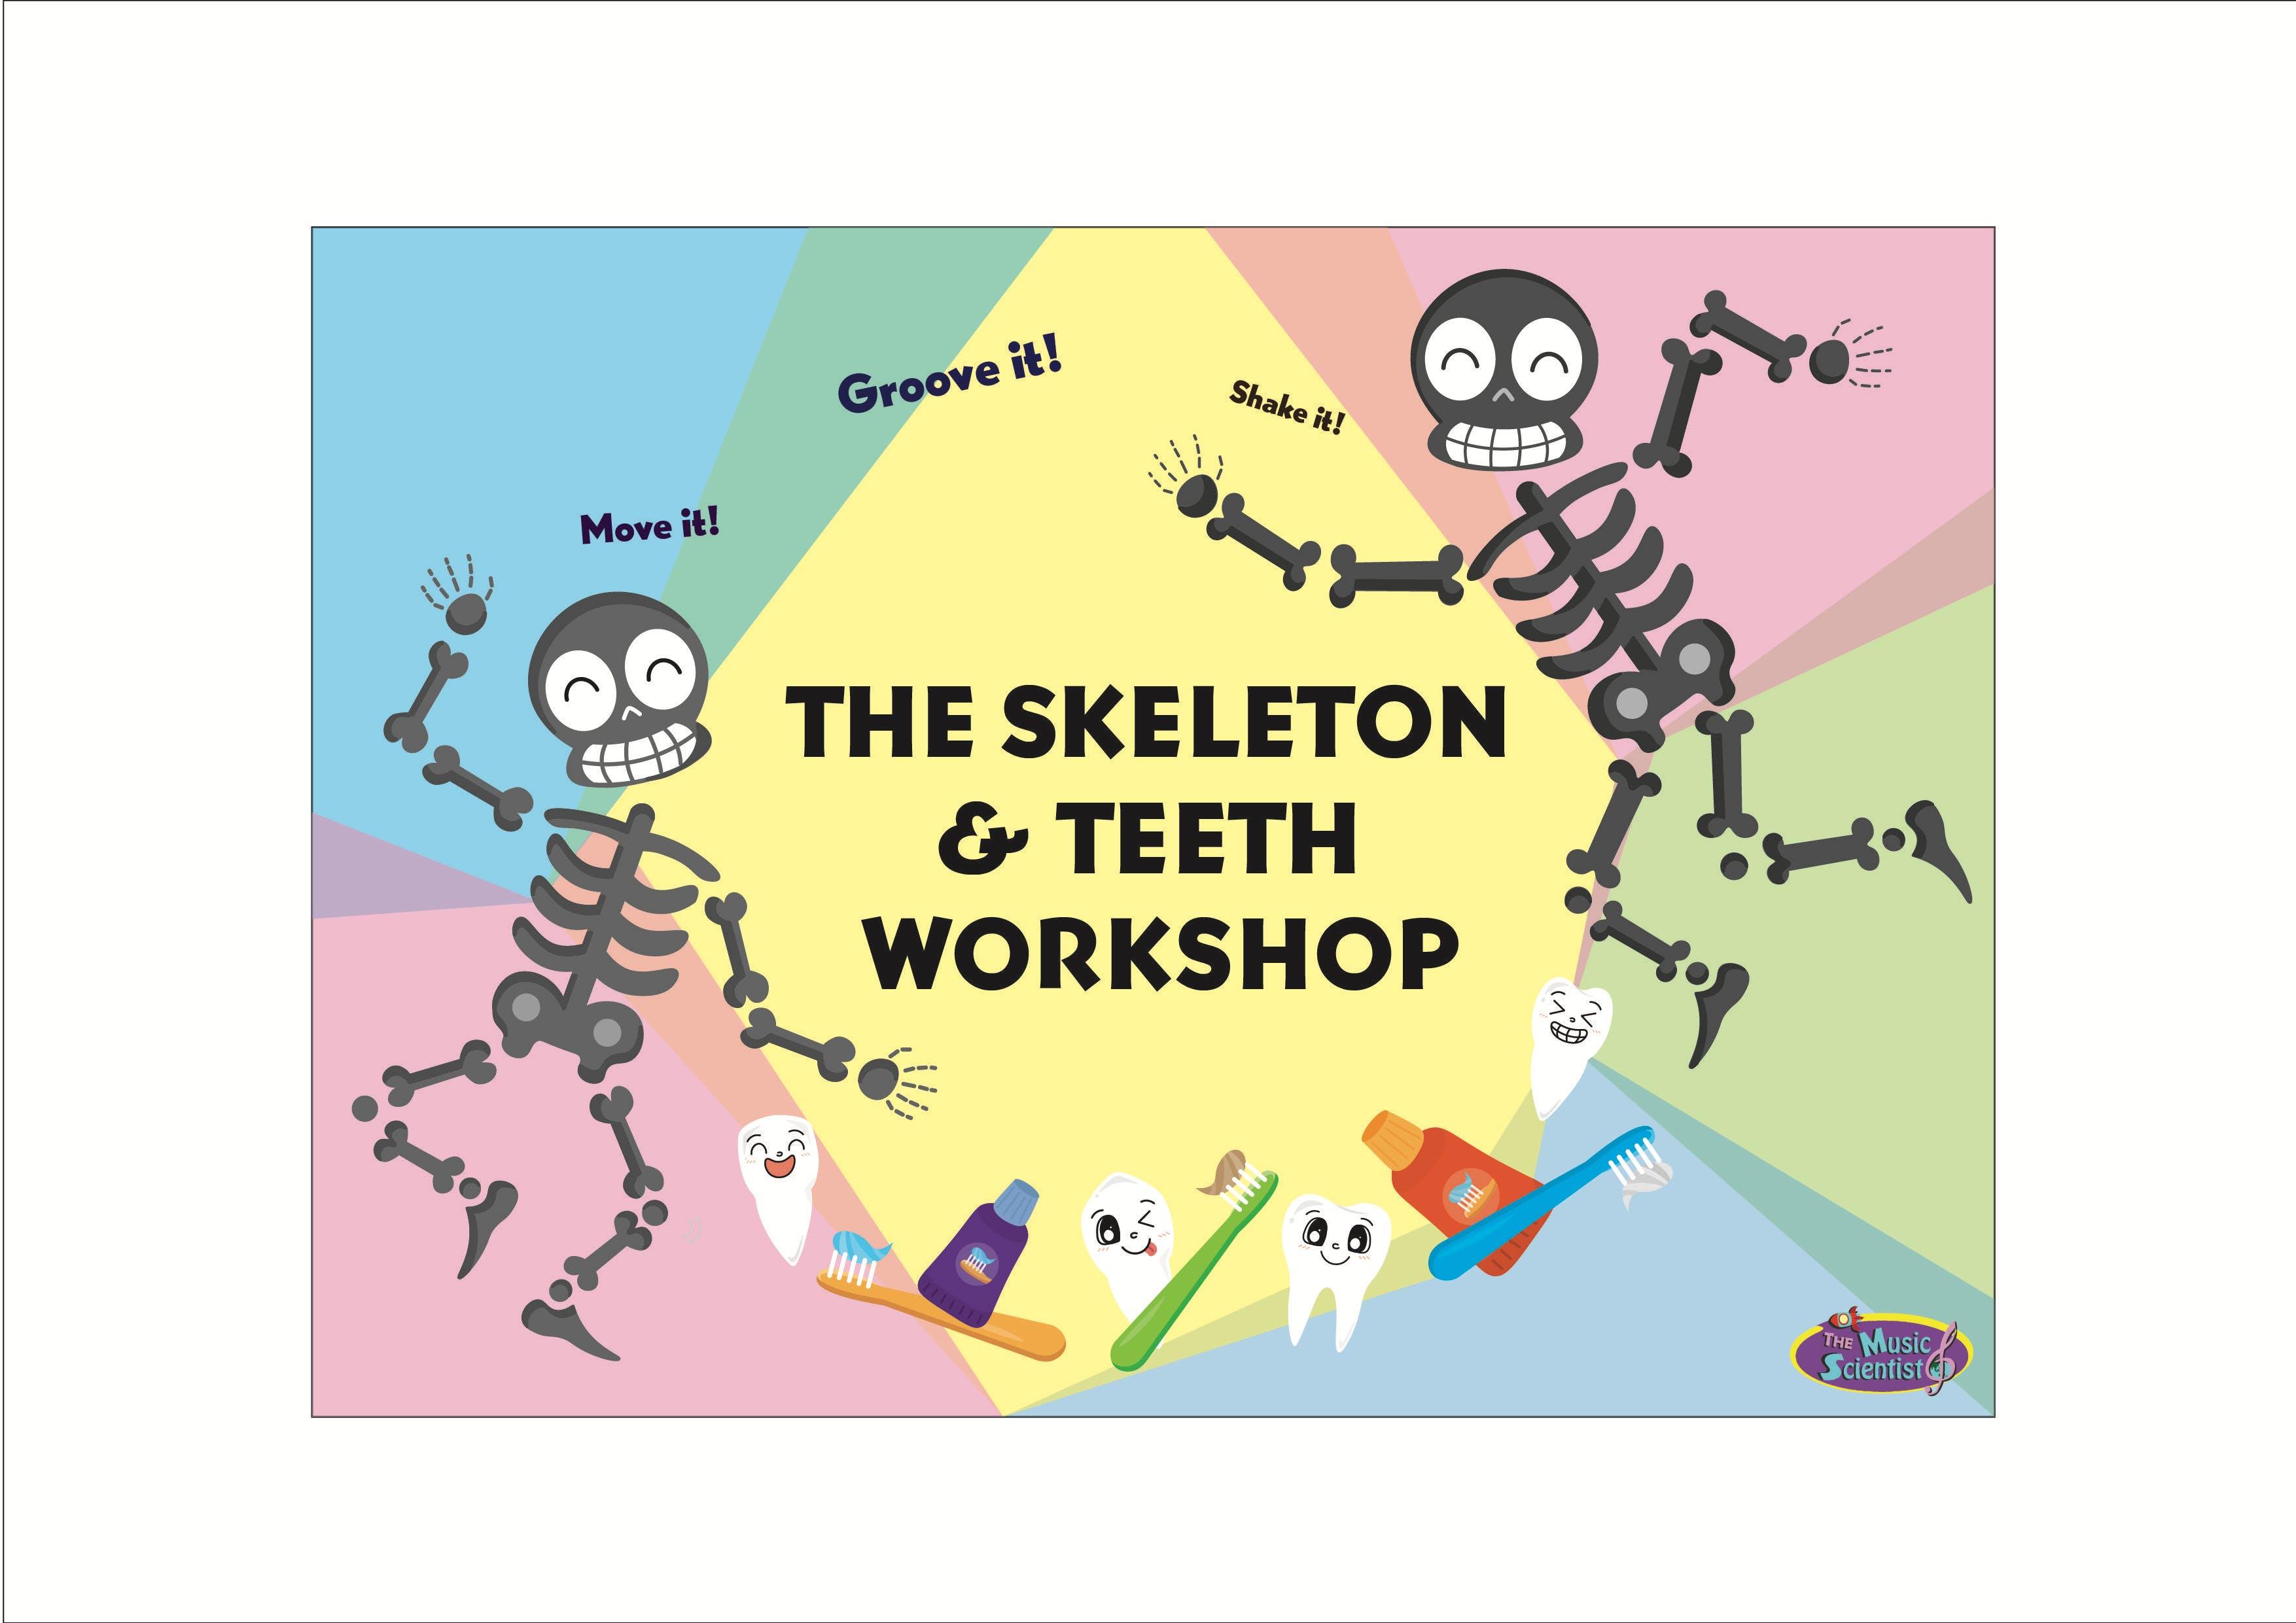 The Skeleton &amp Teeth Workshop